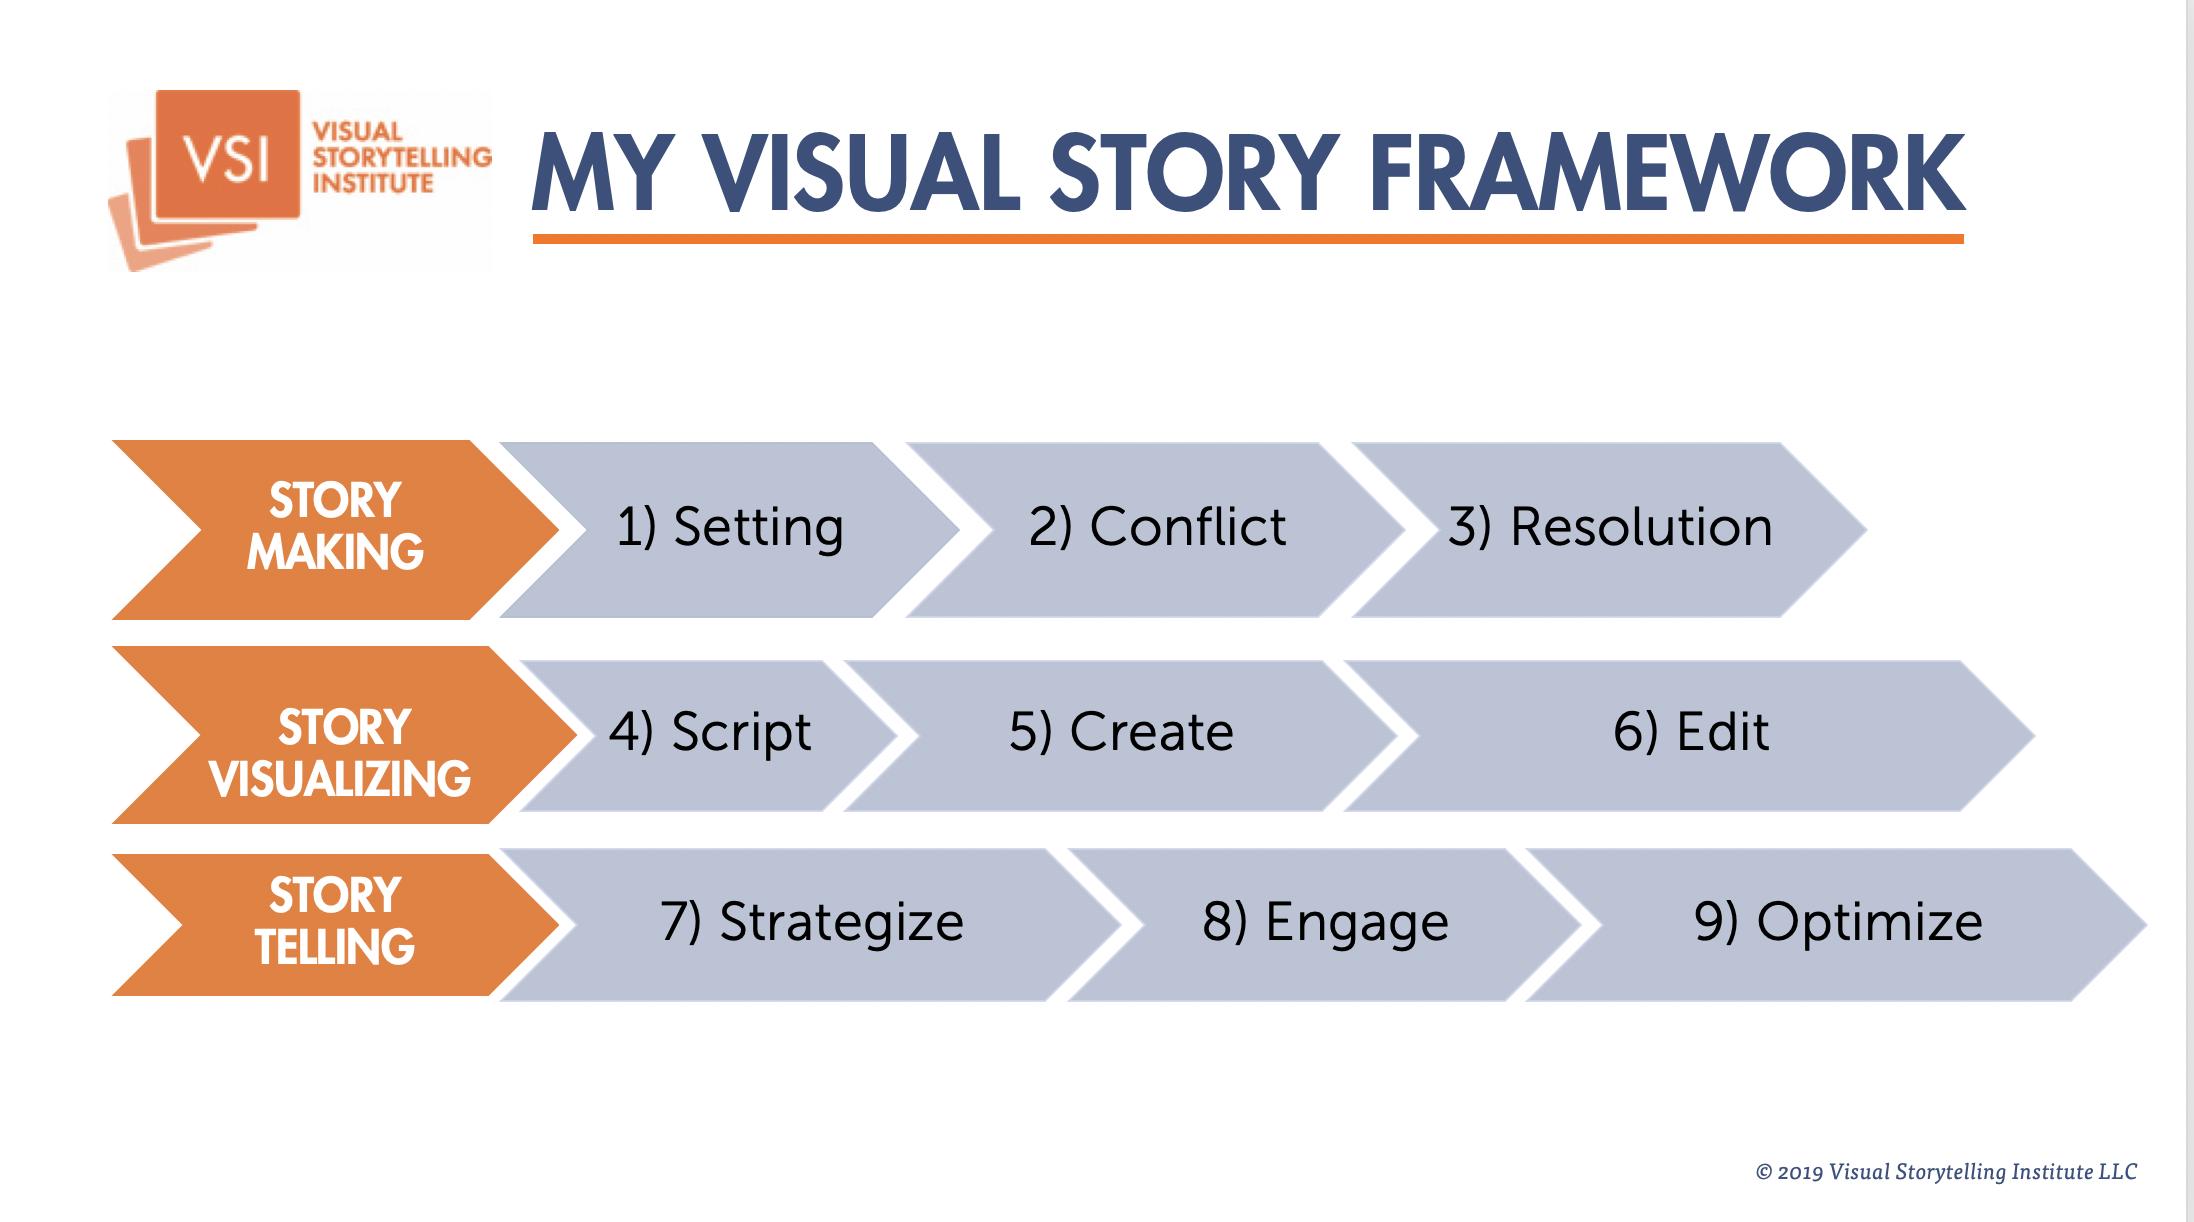 My Visual Story Framework